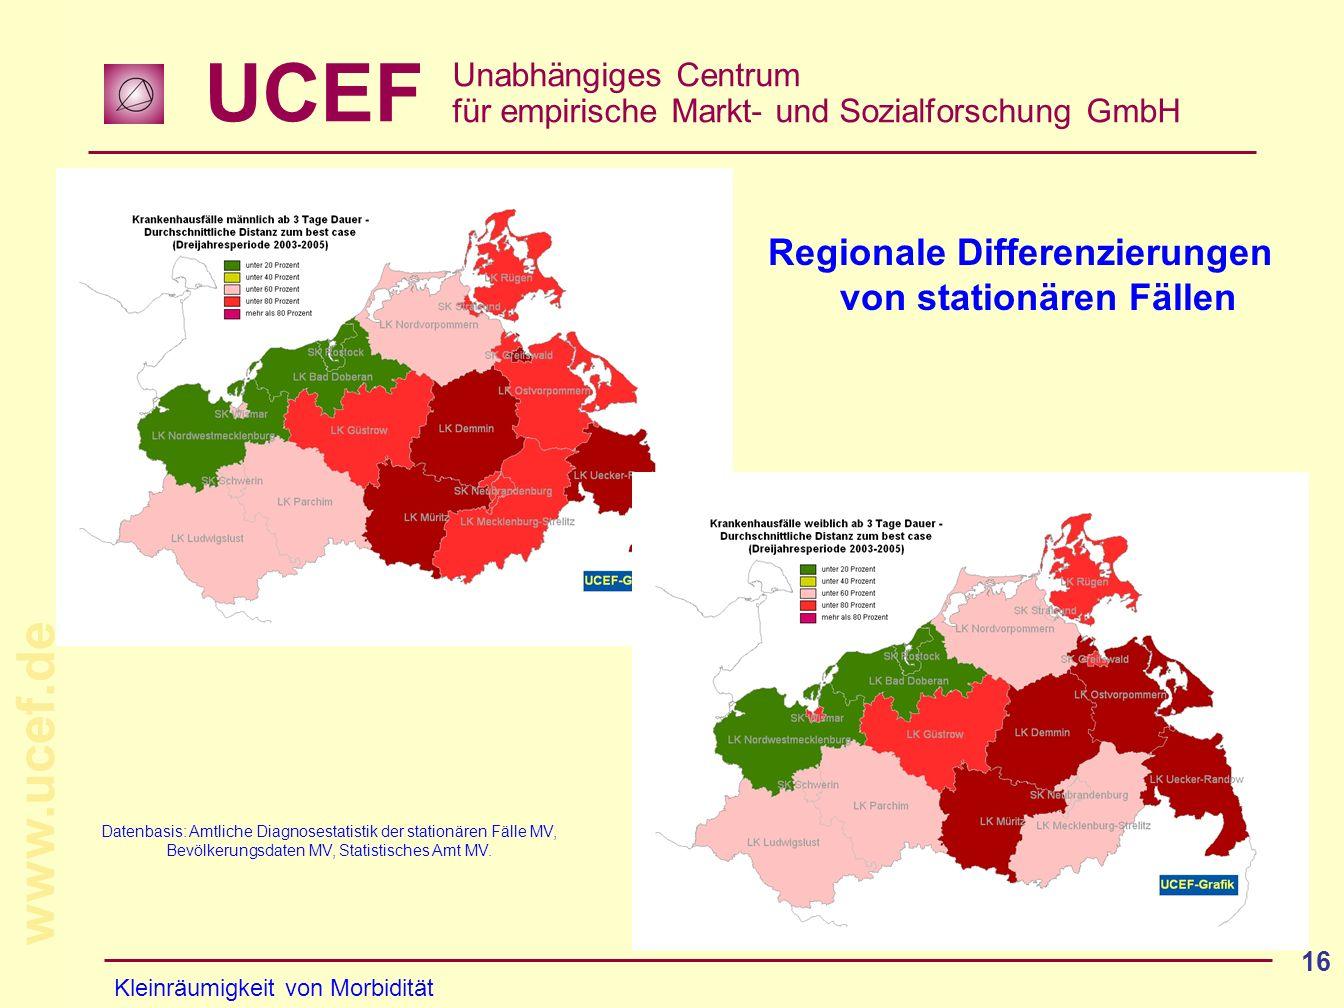 Regionale Differenzierungen von stationären Fällen